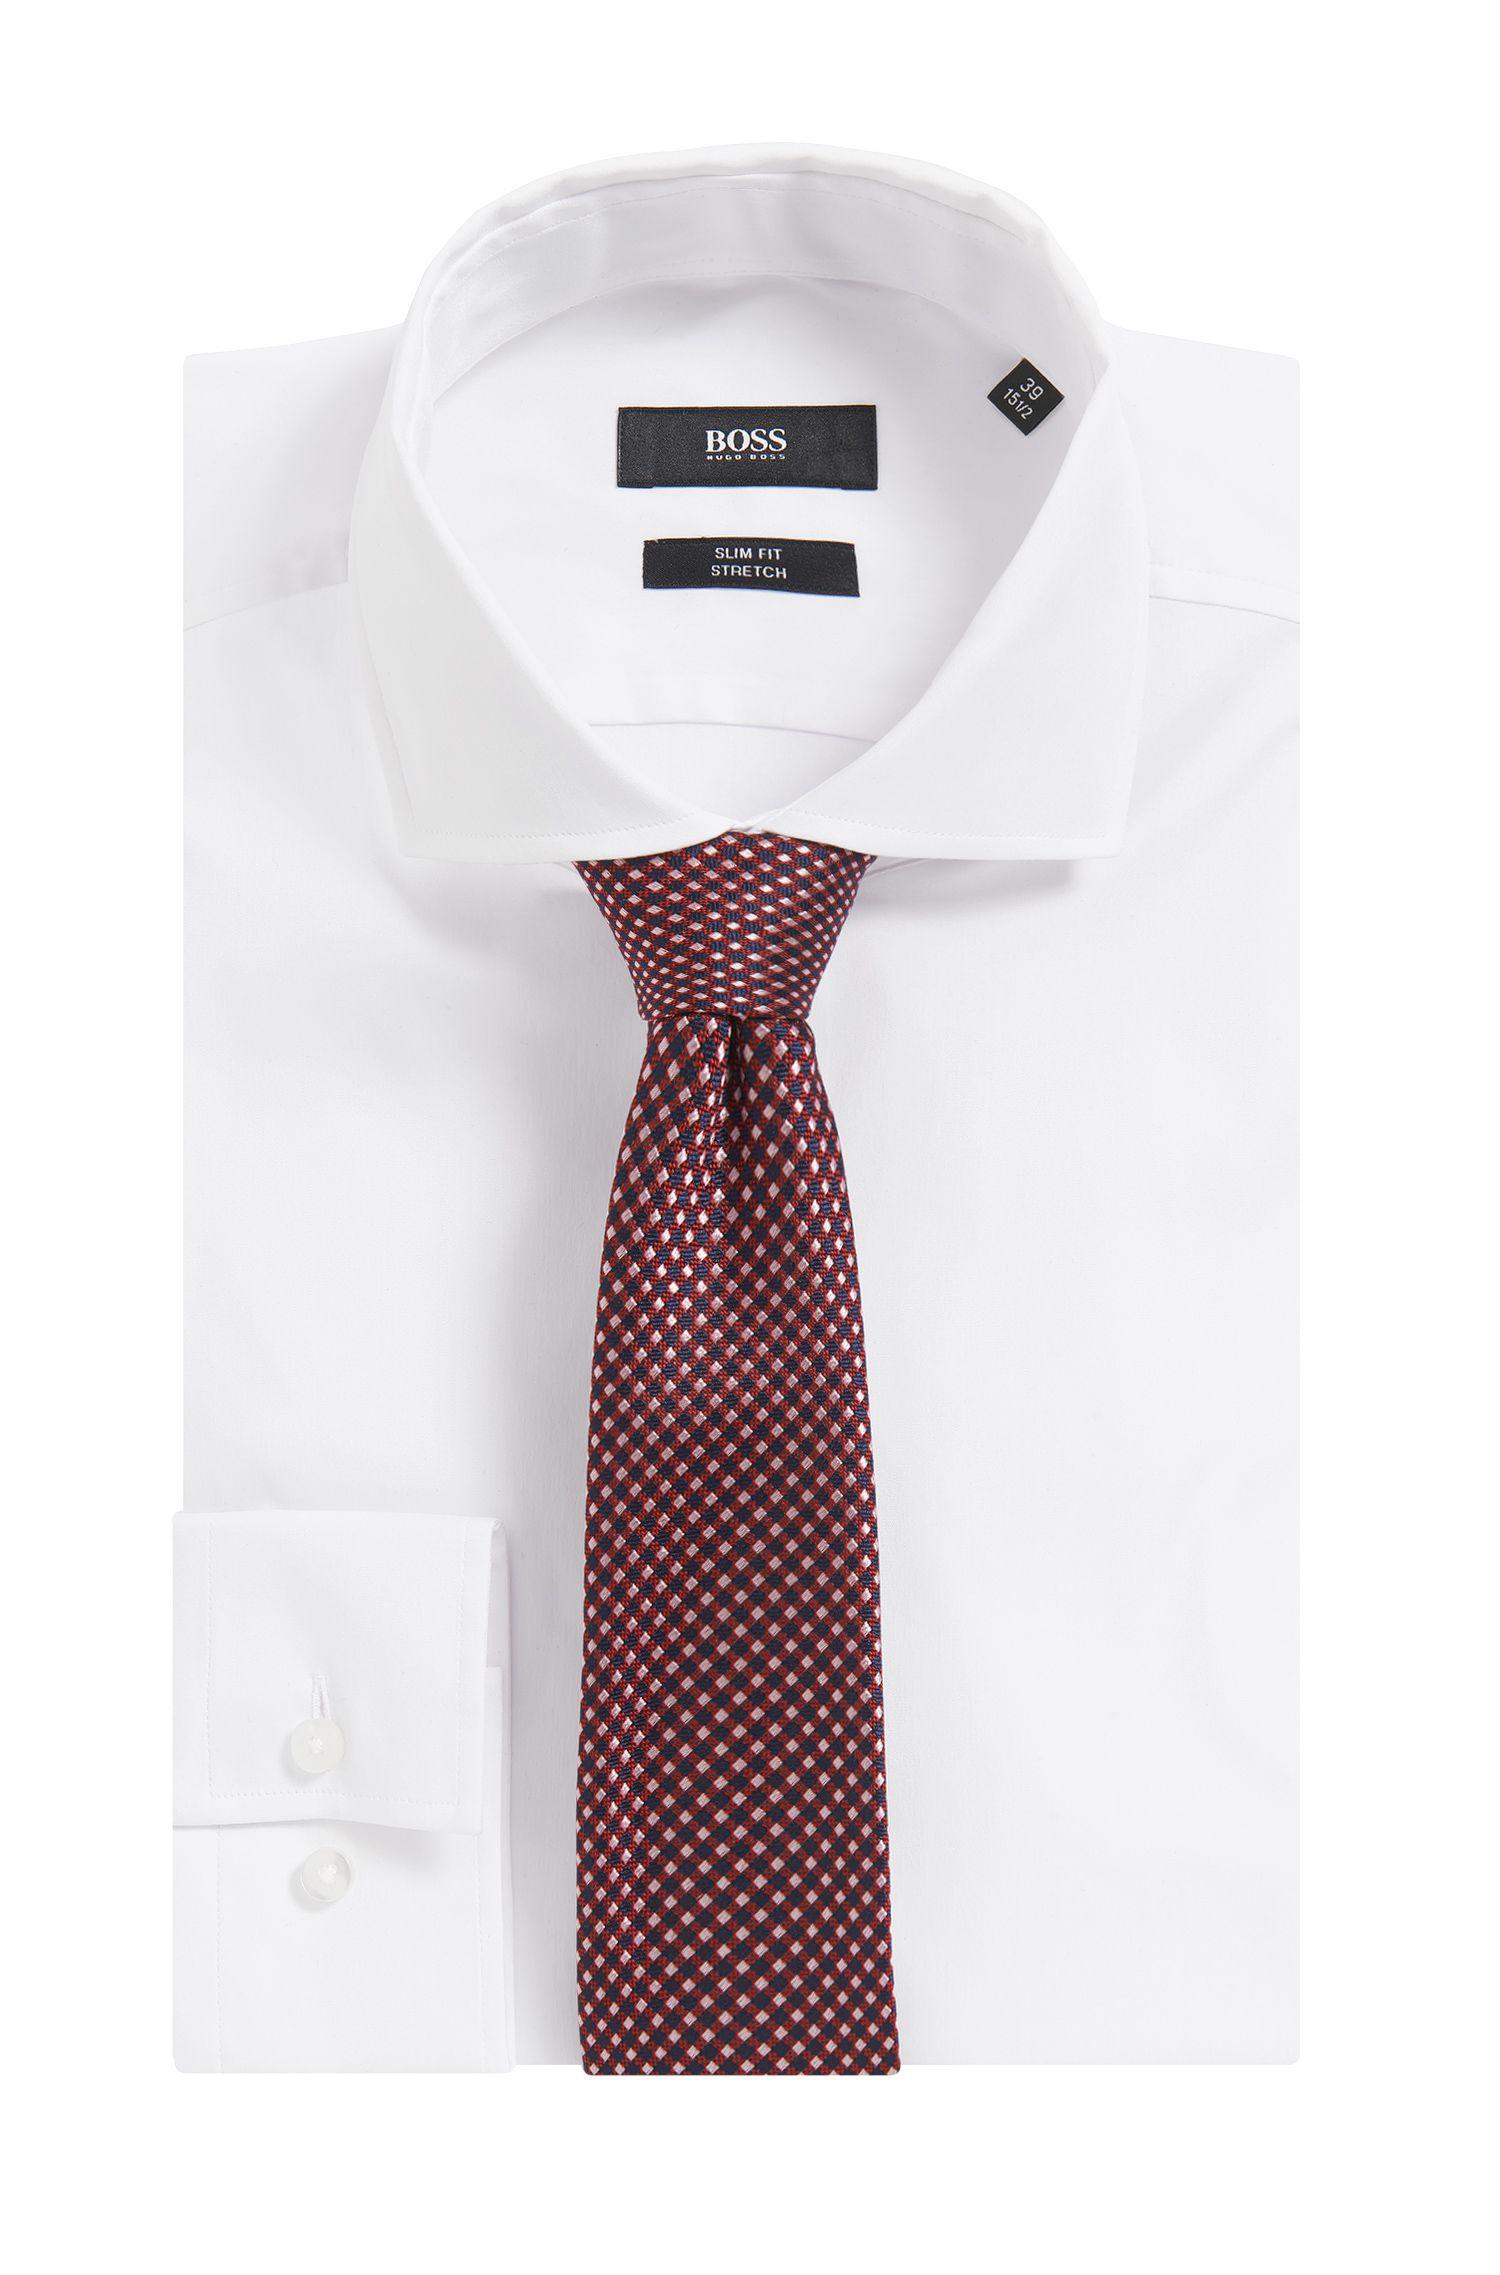 Cravate en jacquard de soie italienne